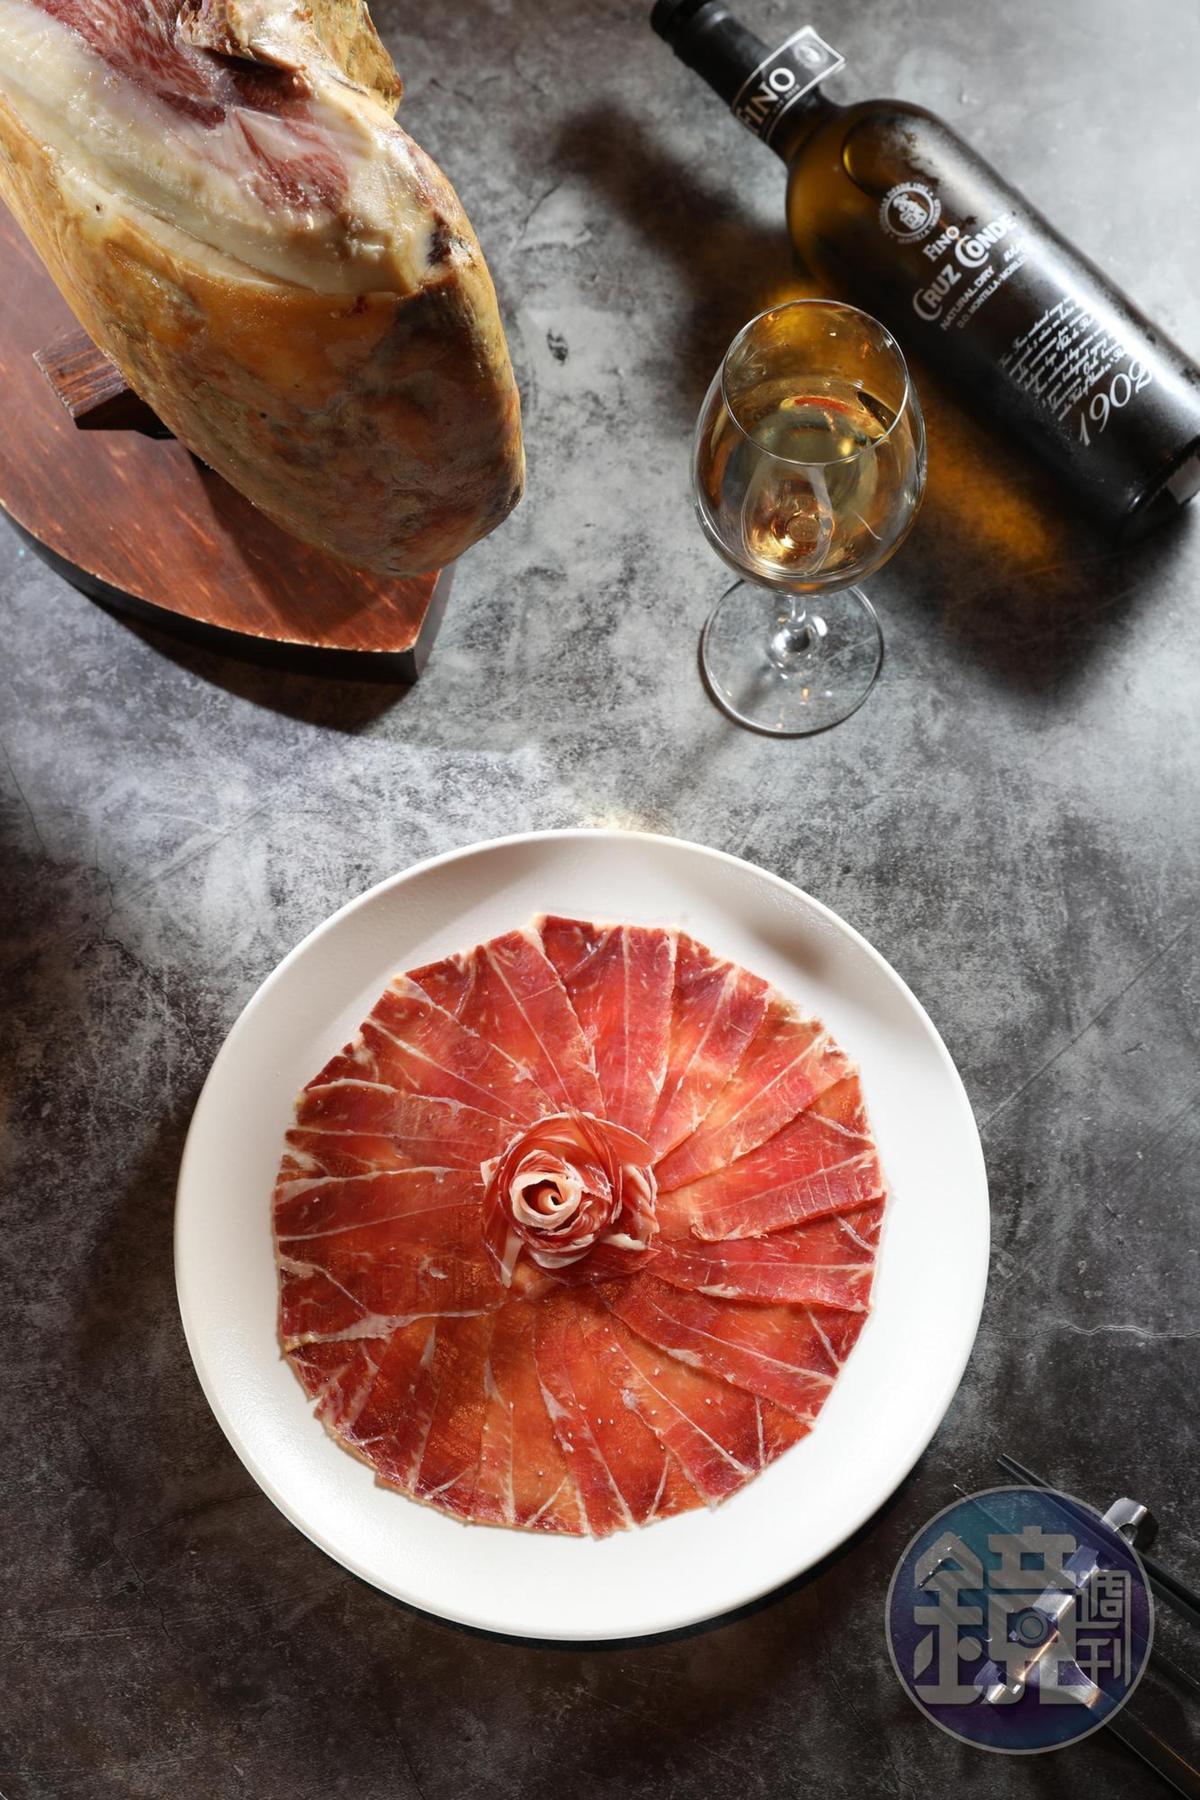 吃來濃厚的生火腿,在餐酒搭配邏輯裡,是紅肉中的輕量級,搭白酒更適合。